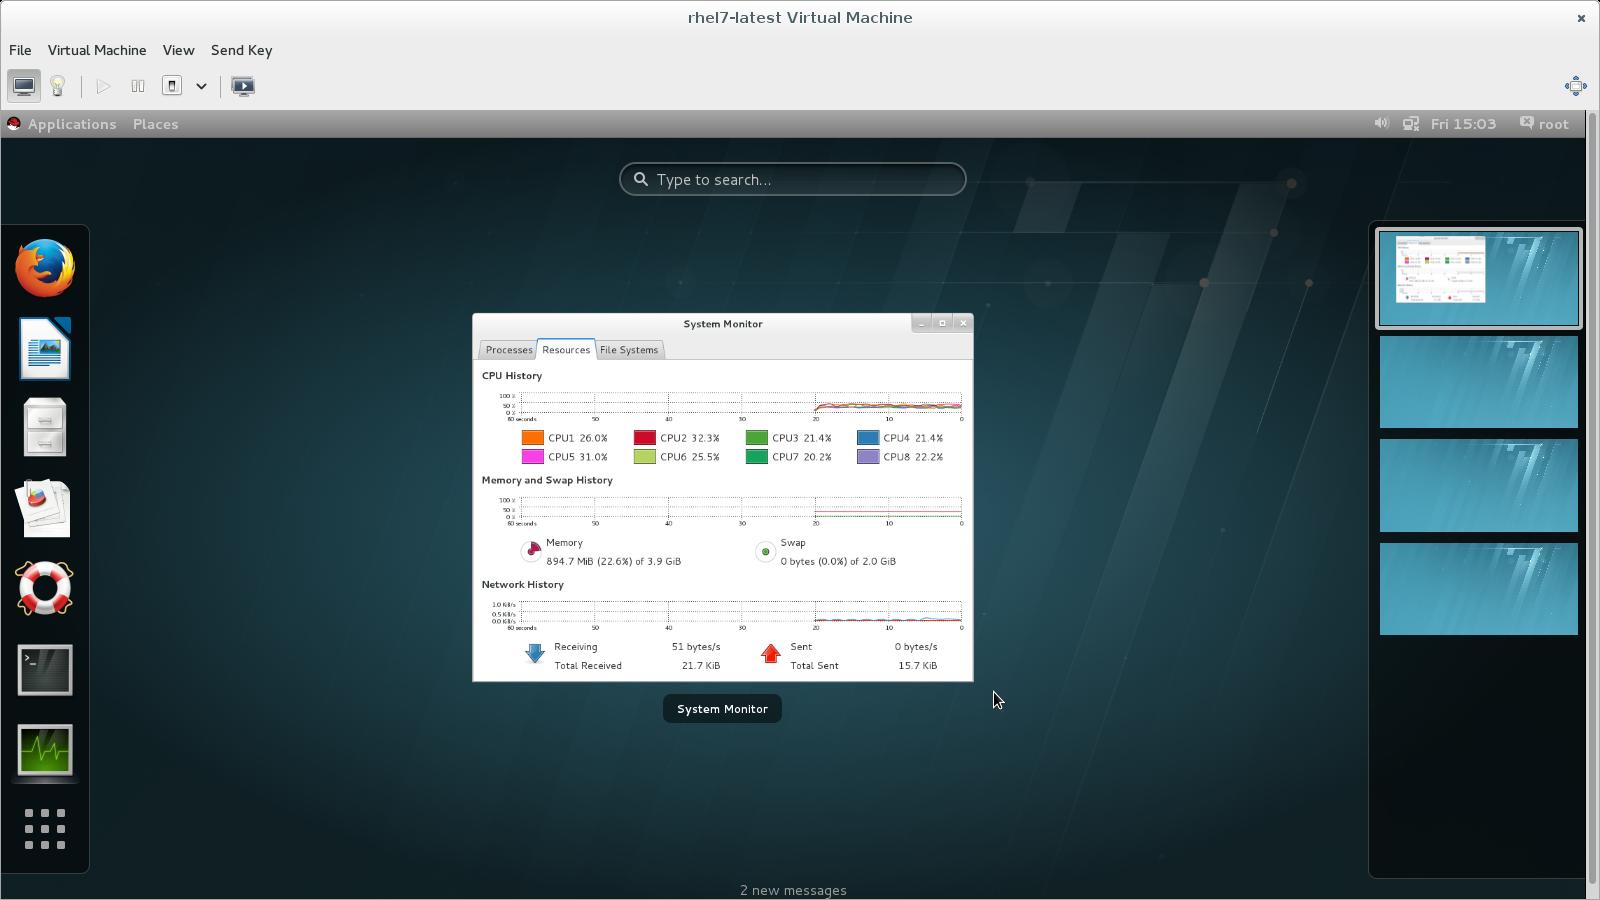 virt-manager Console, virt-viewer